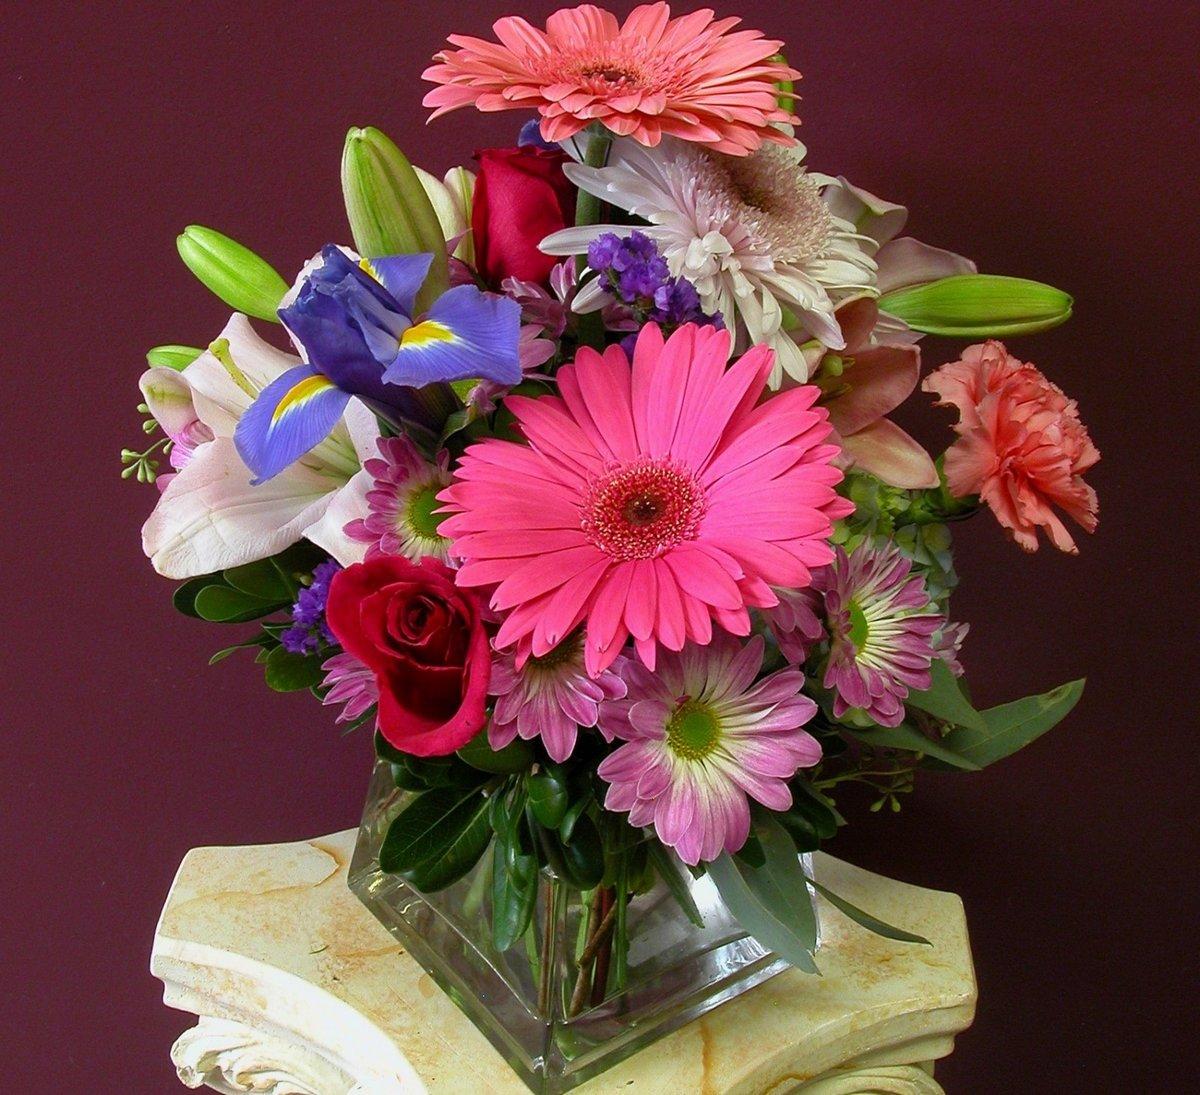 приемный яндекс картинки цветы на столе постарались совместить изысканный